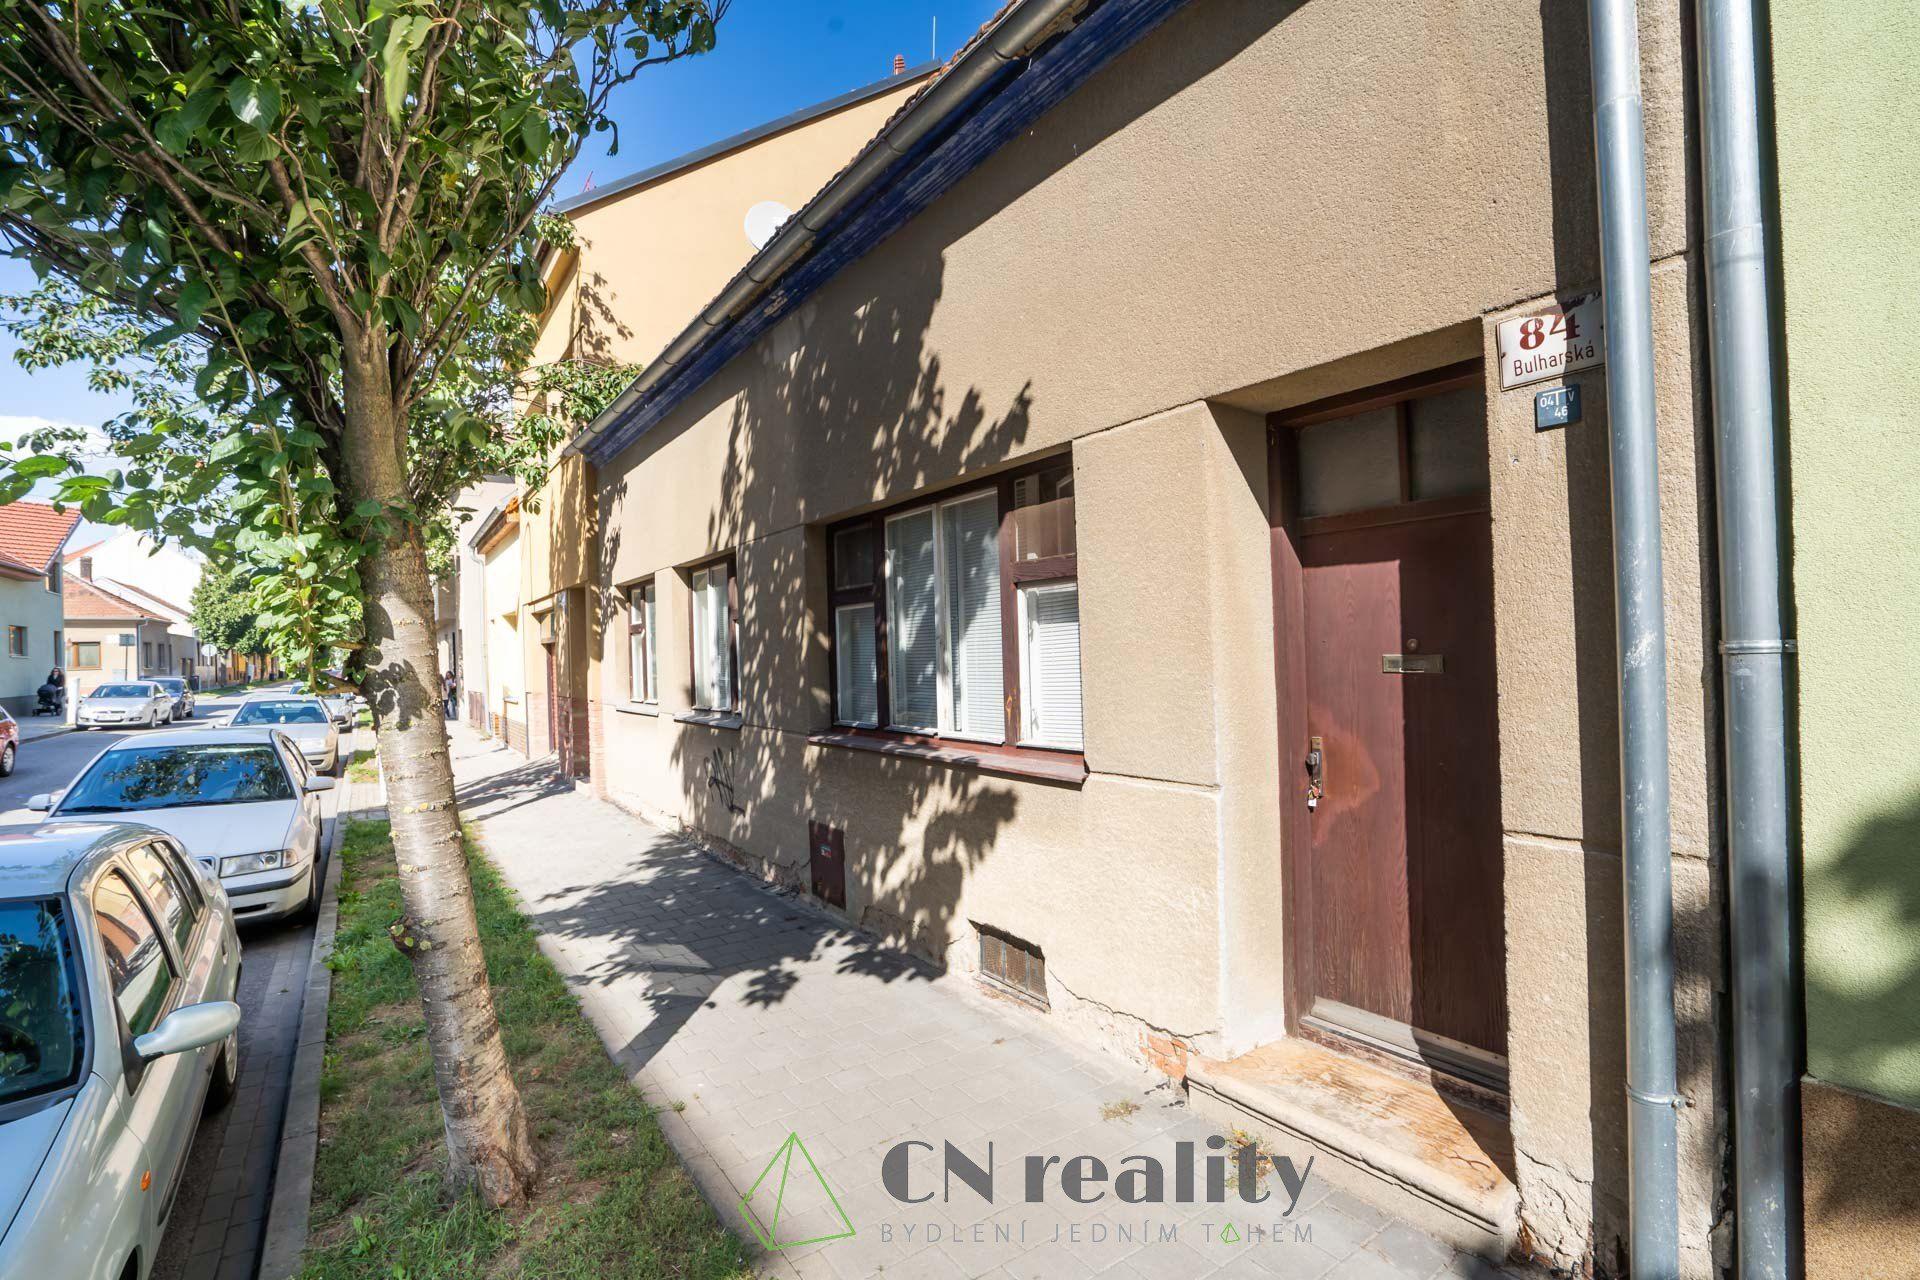 INVESTIČNÍ PŘÍLEŽITOST - prodej řadového rodinného domu s potenciálem výstavby až pětipodlažního bytového domu